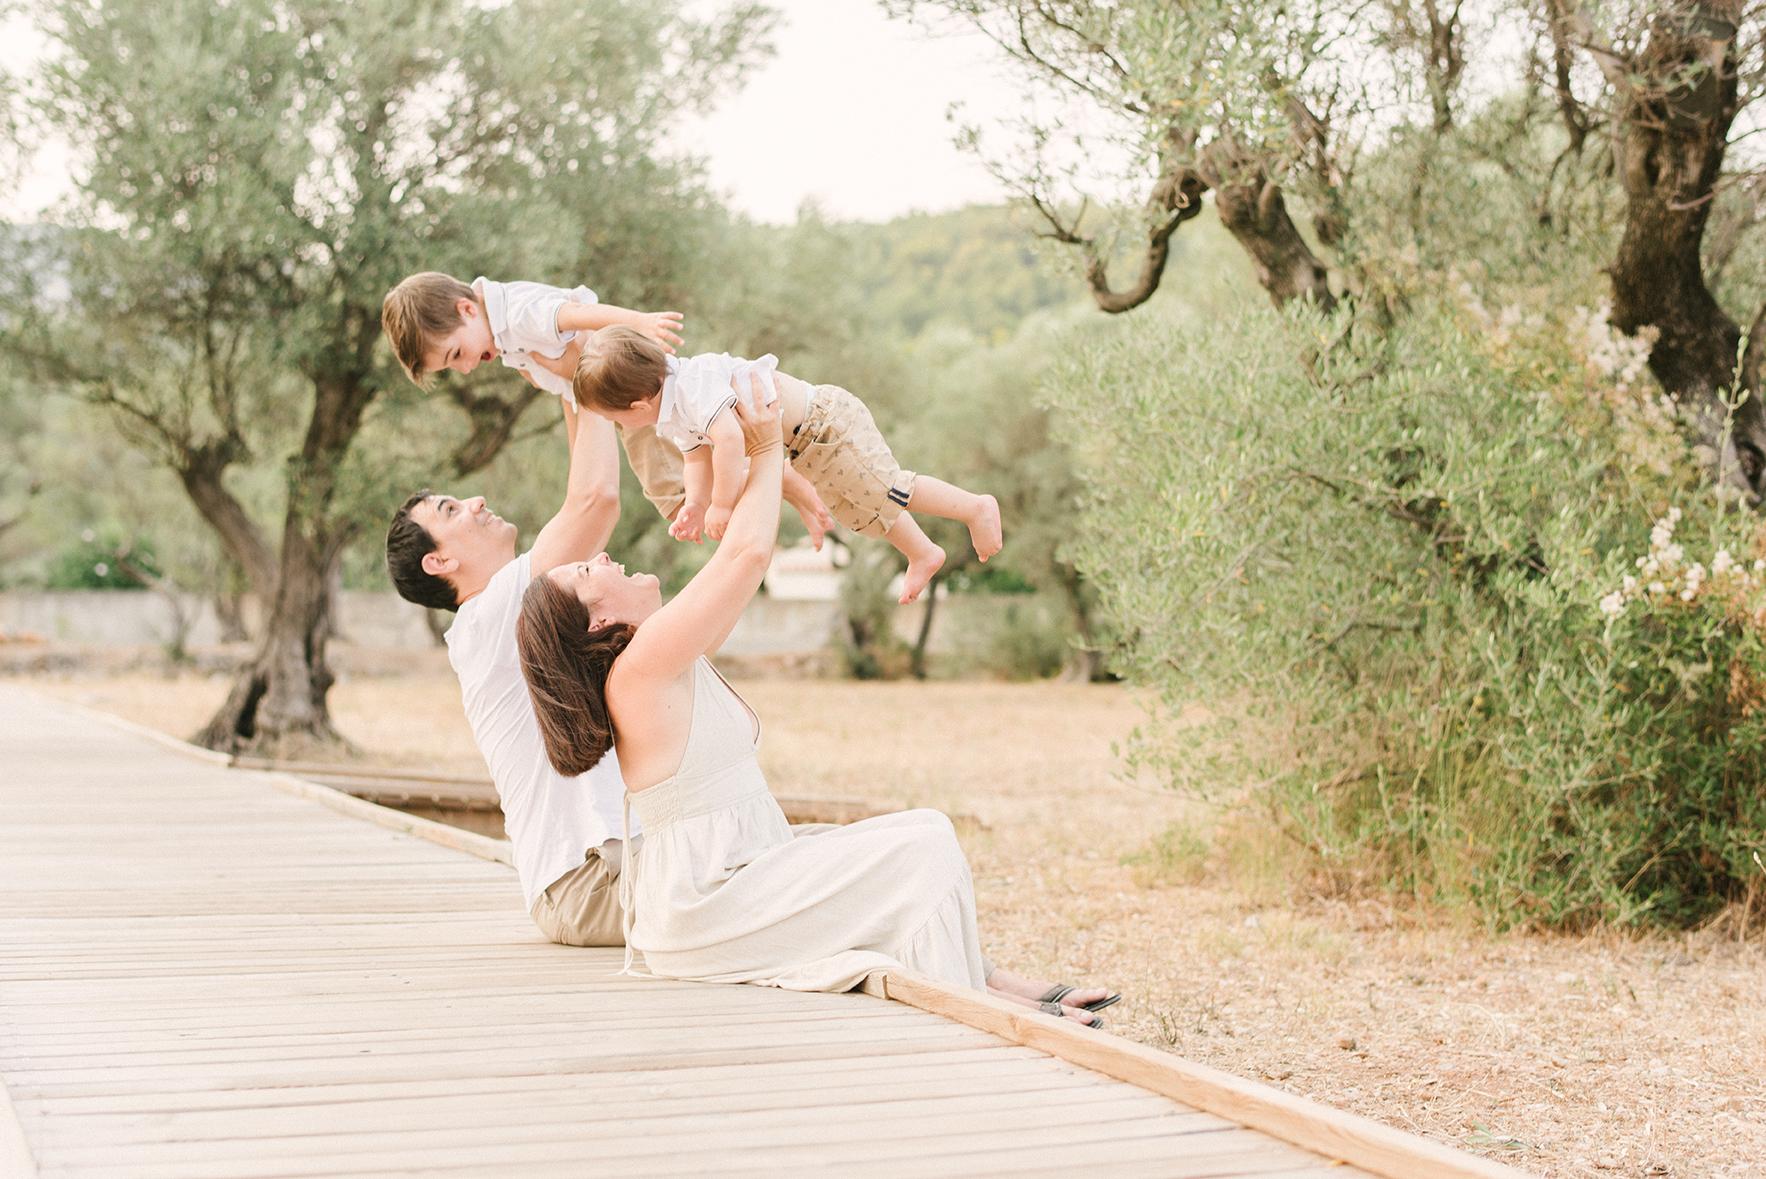 Séance famille lifestyle extérieur Fanny & Remy